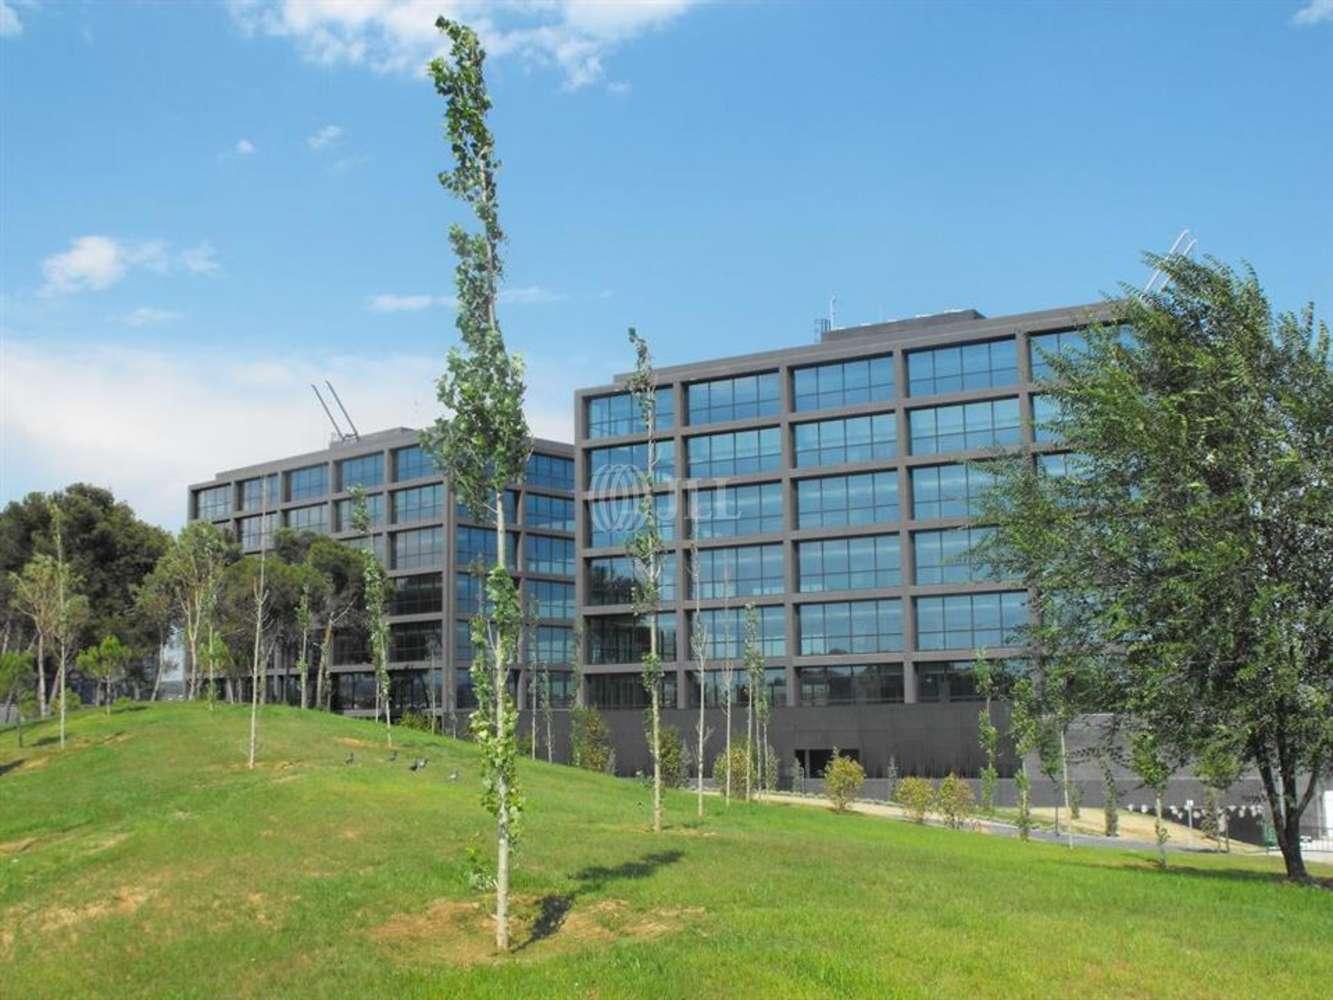 Oficina Sant cugat del vallès, 08195 - CA L´AMETLLER - Edificio 4 - 11806